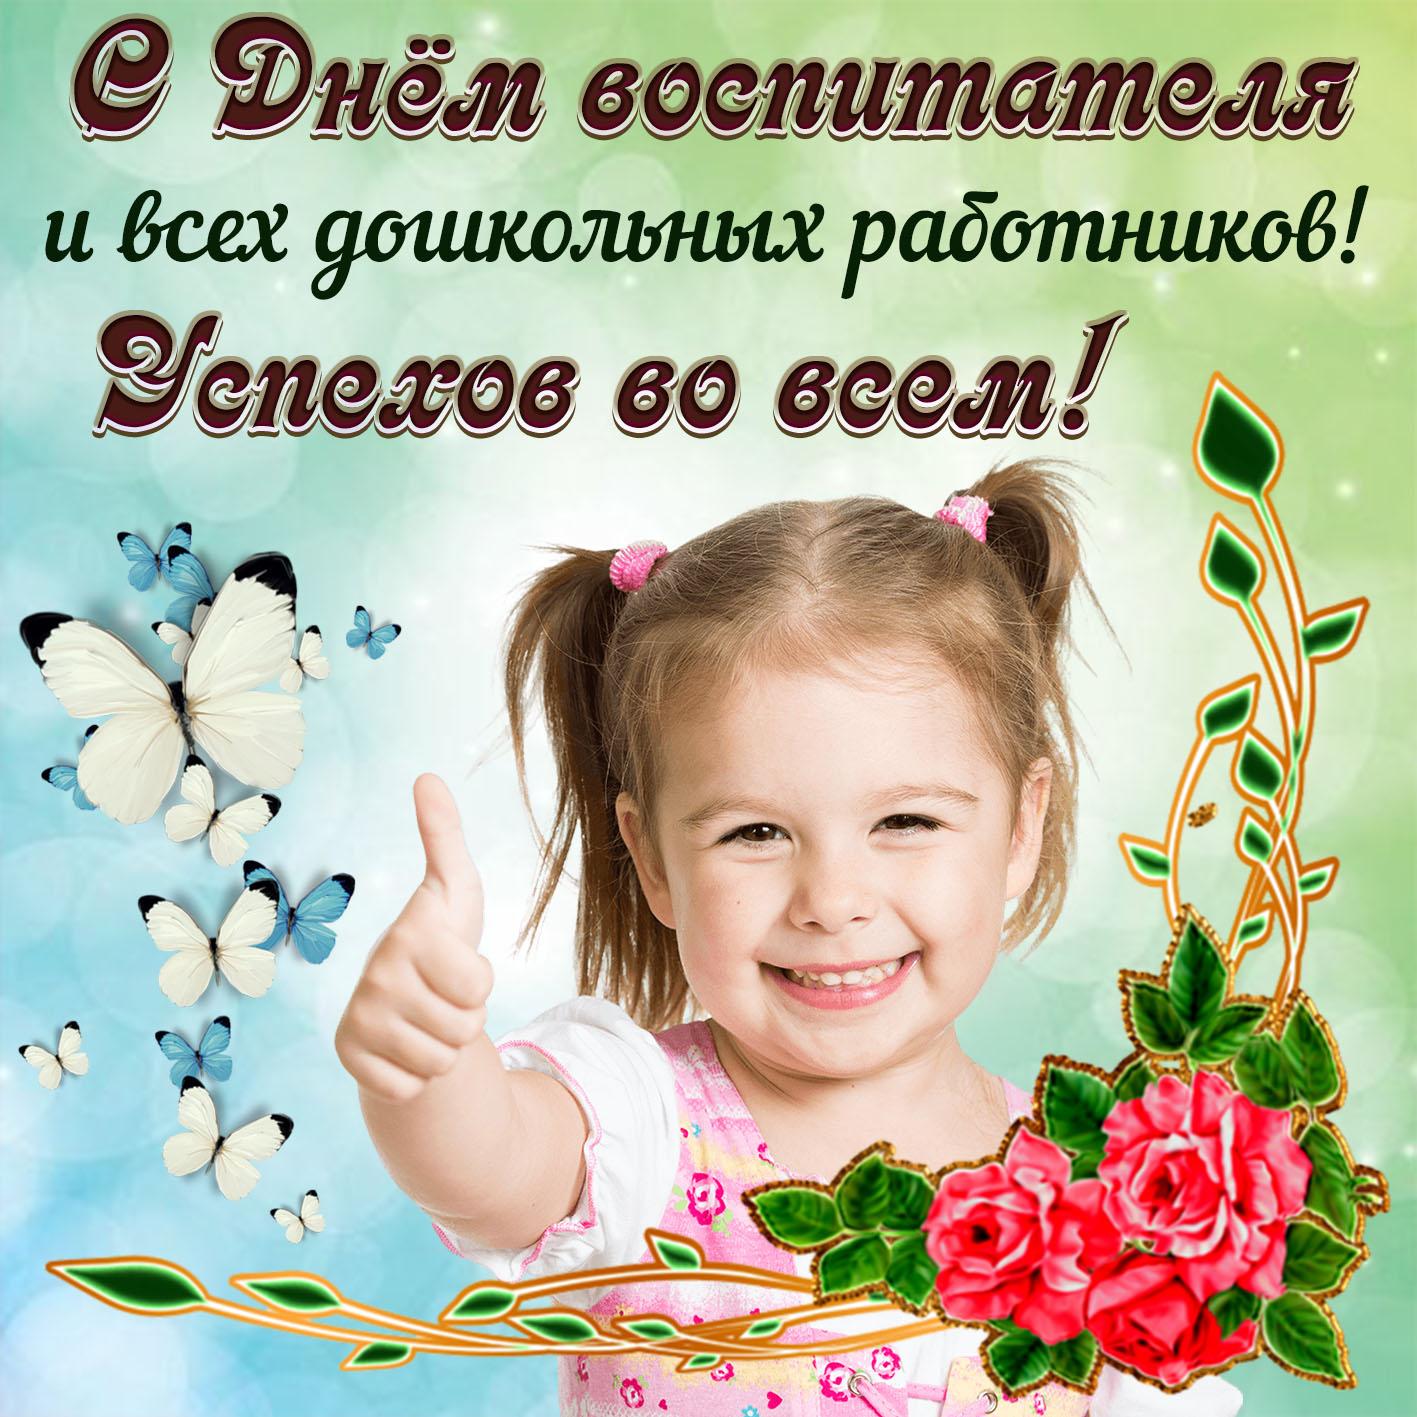 Поздравления с днем воспитателя дошкольных работников